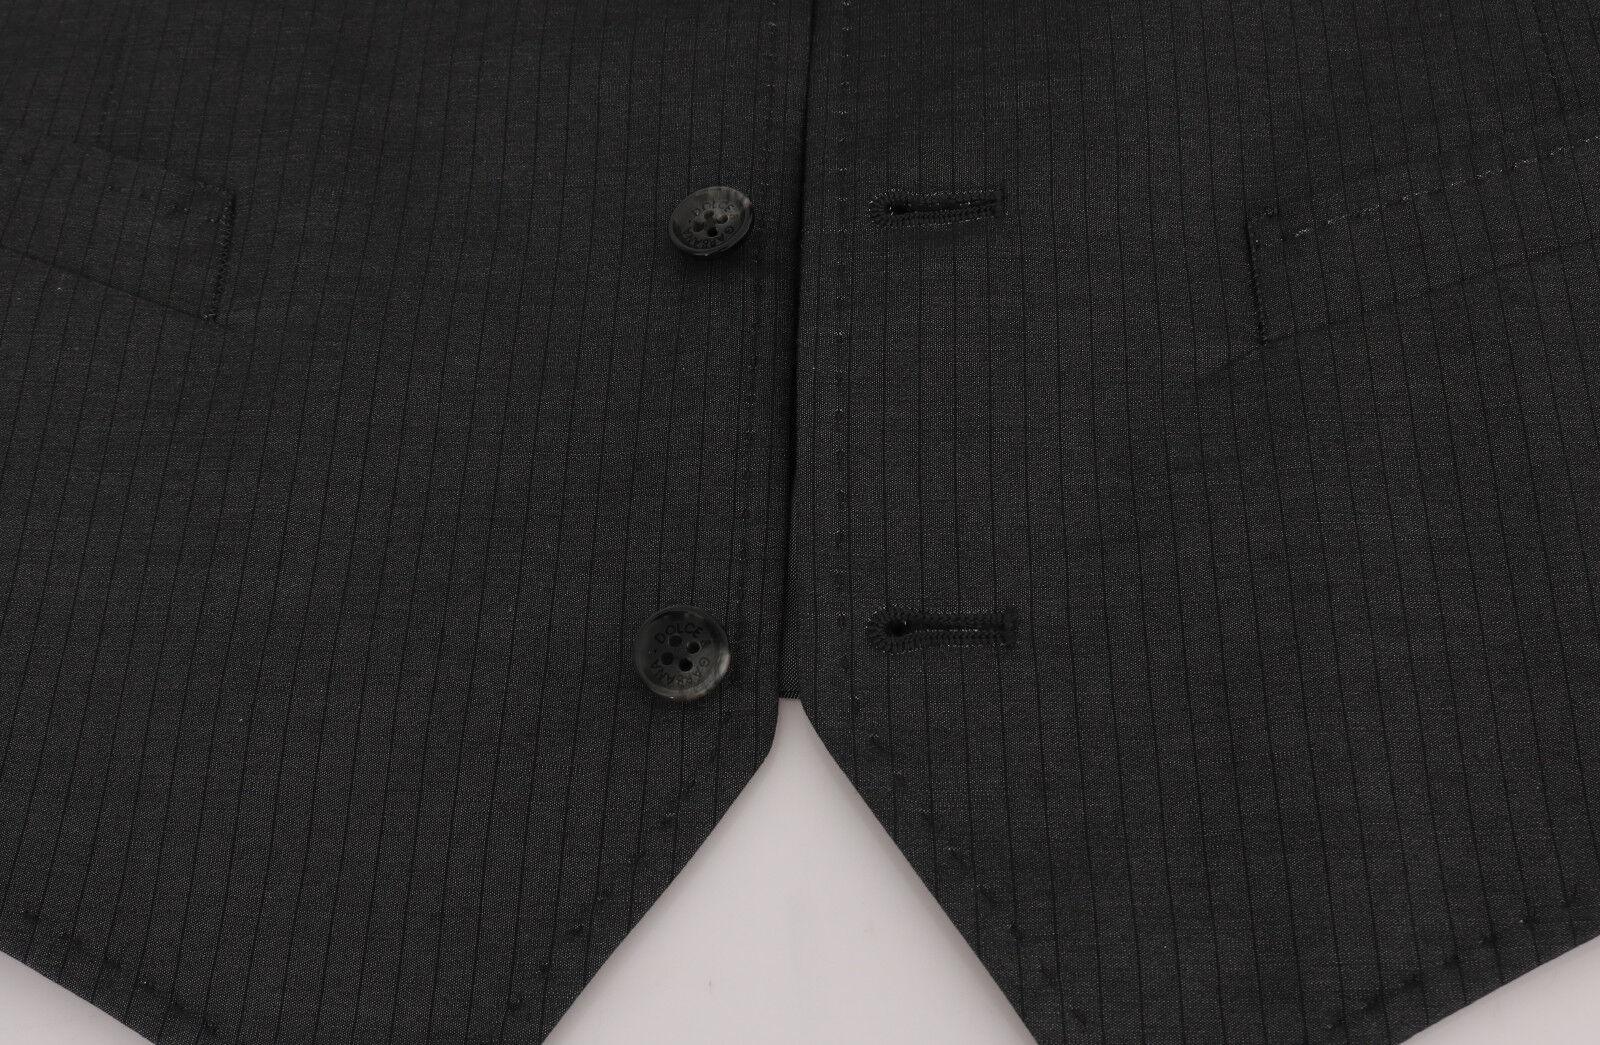 Nuovo Dolce & Gabbana Personale Gilet Grigio Cotone Rayon XL IT52 /US42/ XL Rayon 69ba32